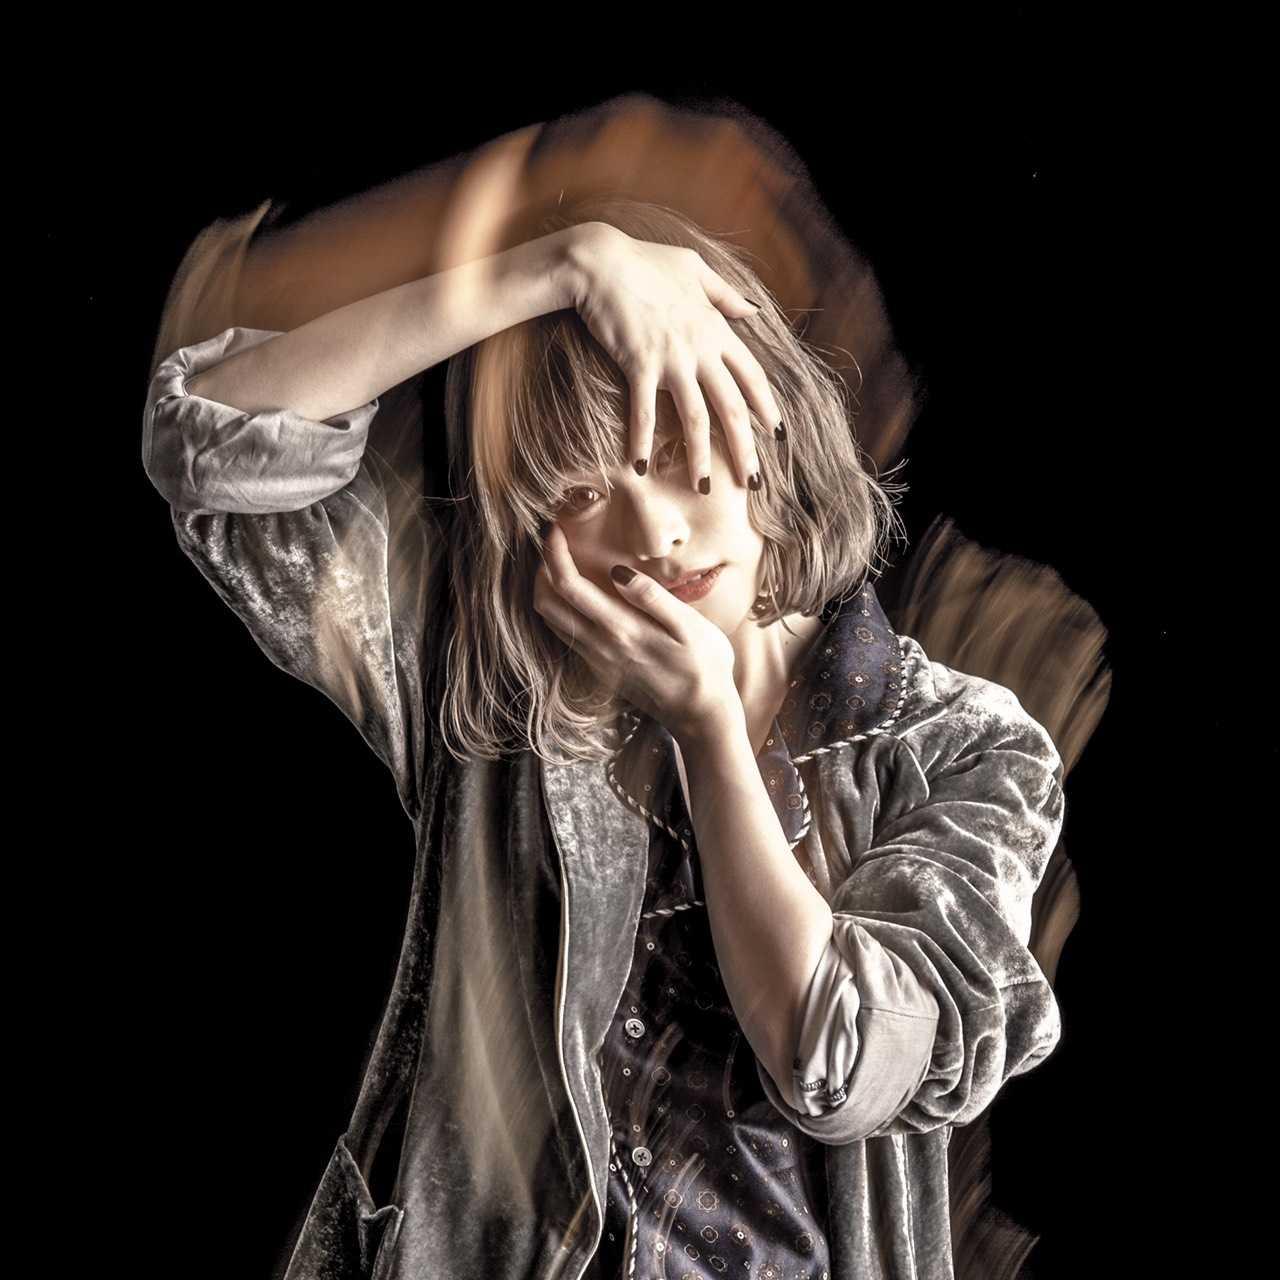 藤川千愛、2020年8月1日厳戒態勢の渋谷公会堂に立つ